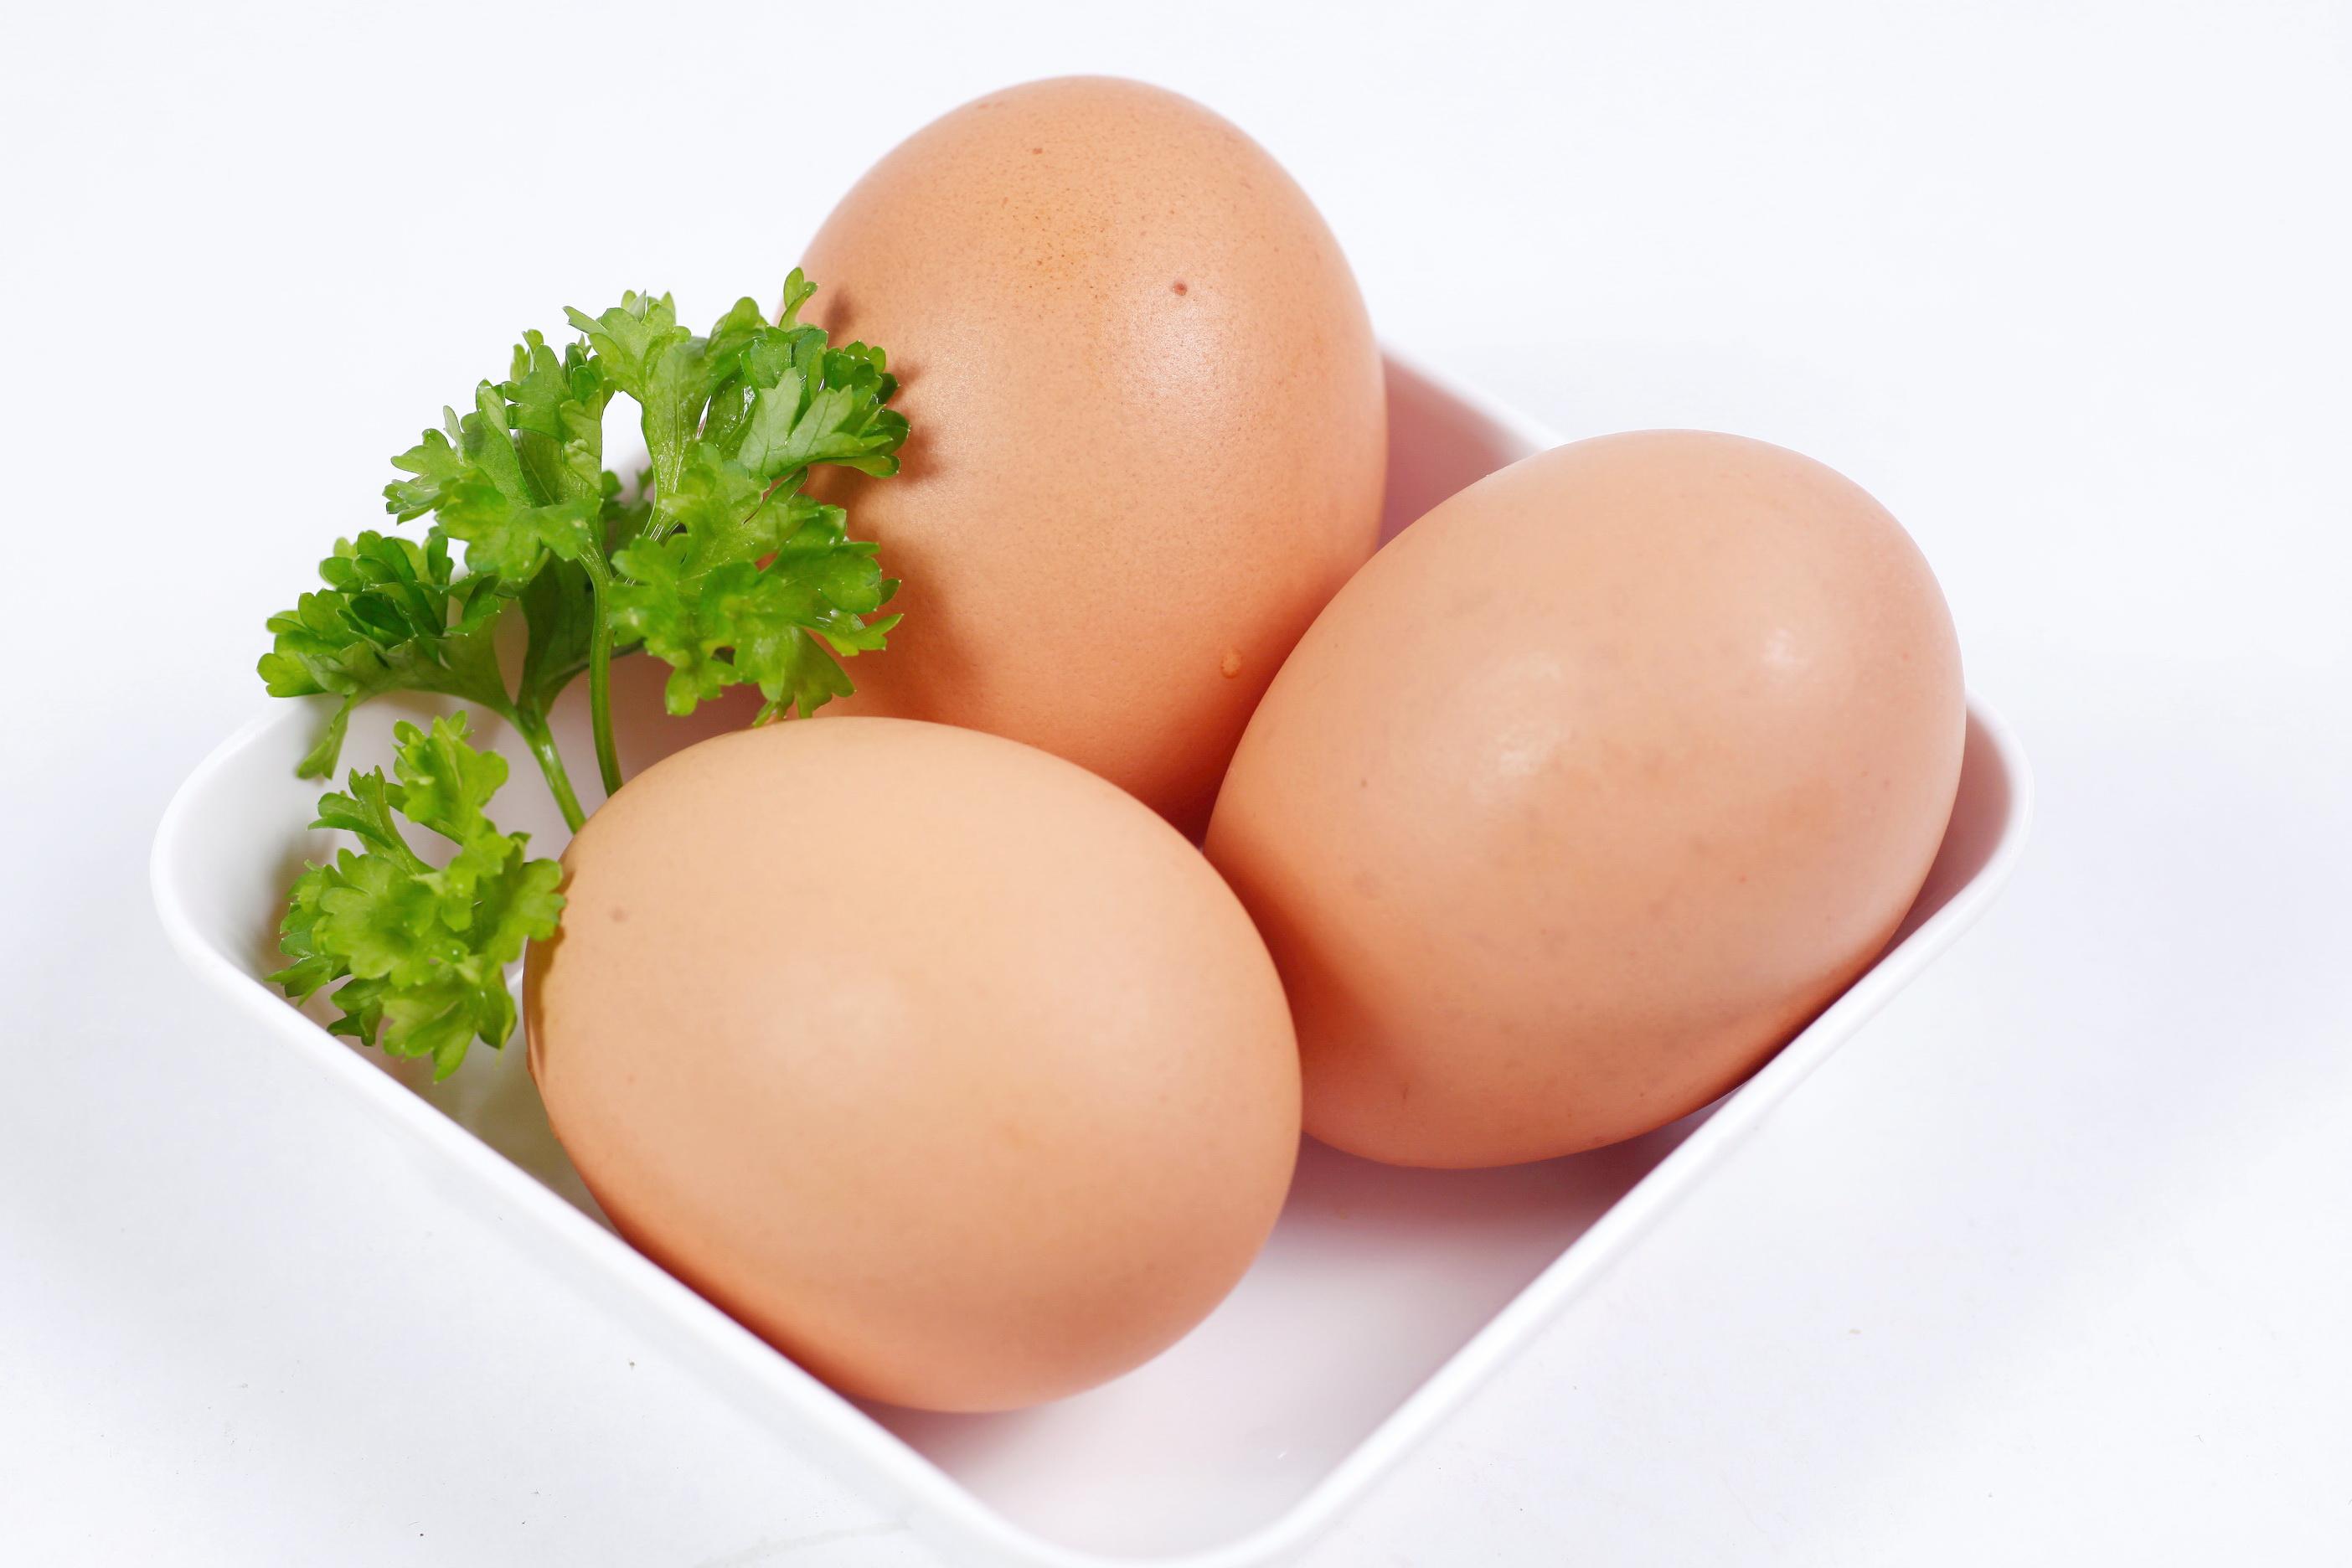 Cách tăng cân với 3 quả trứng gà mỗi ngày rất đơn giản để áp dụng